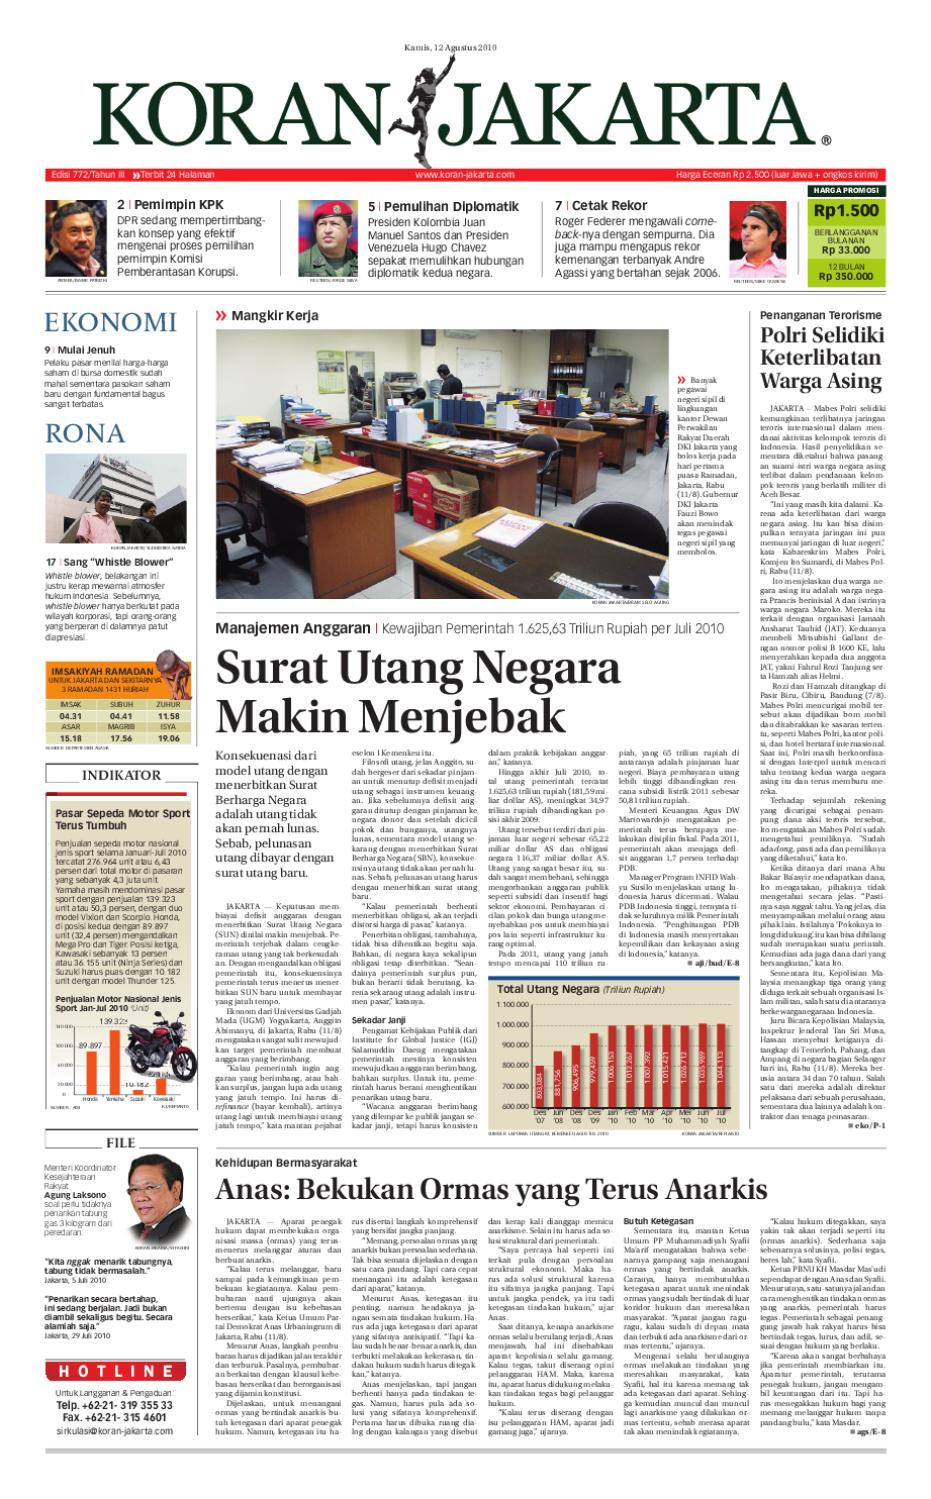 Edisi 772 12 Agustus 2010 By Pt Berita Nusantara Issuu Produk Ukm Bumn Box Hantaran Pengantin Bio Art